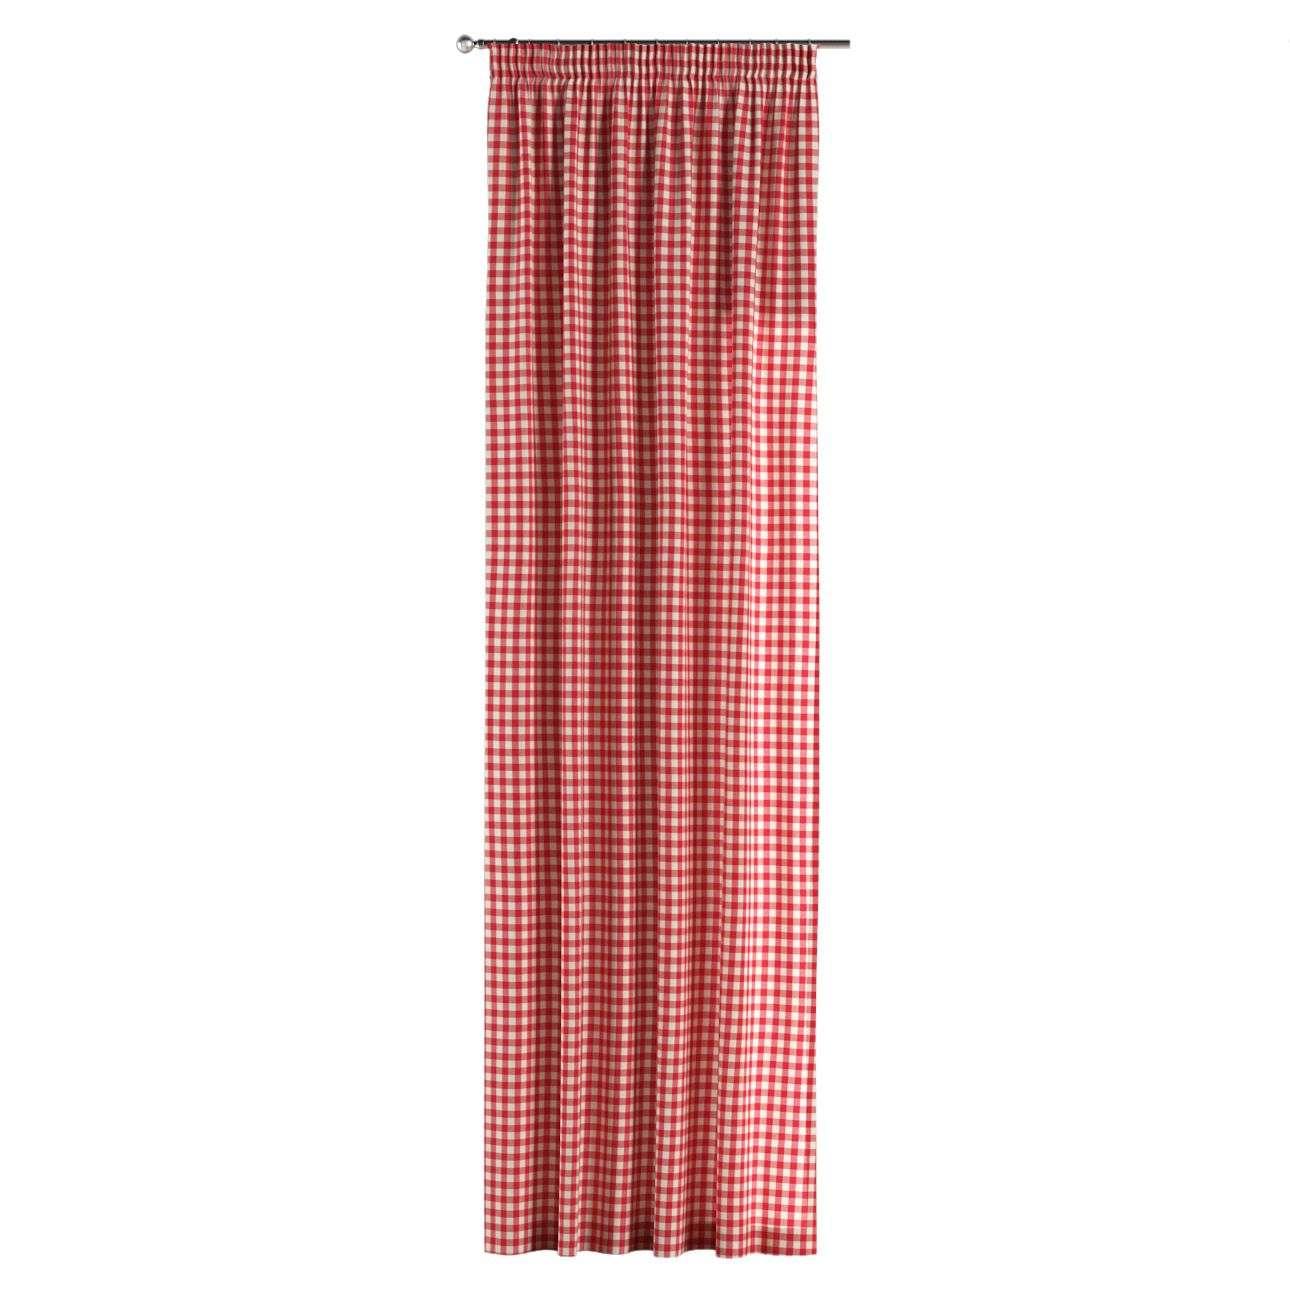 Zasłona na taśmie marszczącej 1 szt. 1szt 130x260 cm w kolekcji Quadro, tkanina: 136-16